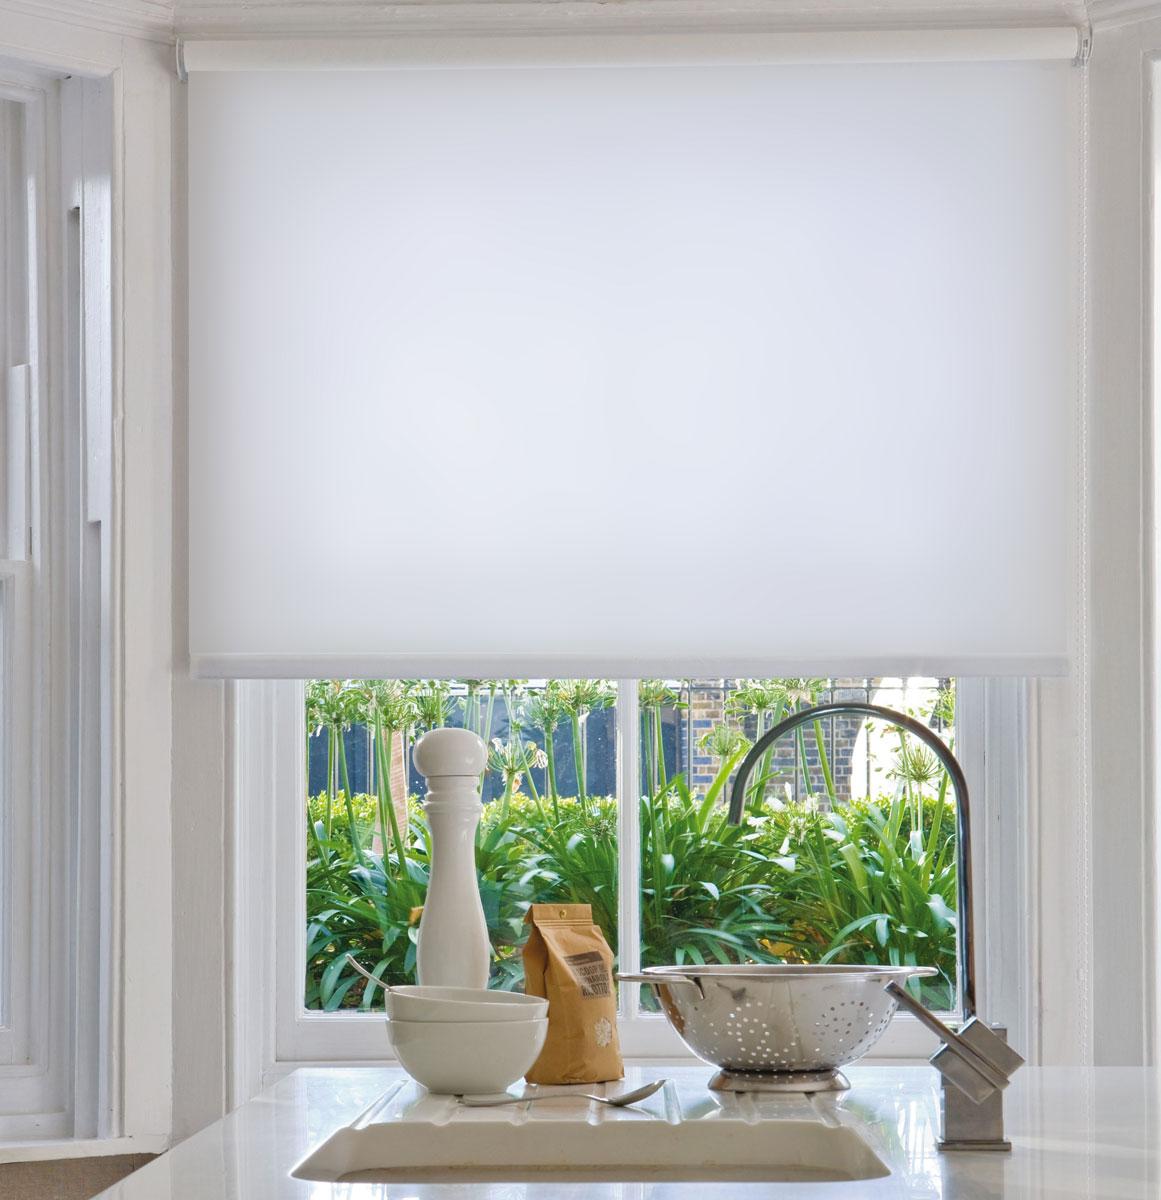 Миниролло KauffOrt 83х170 см, светонепроницаемая, цвет: белый